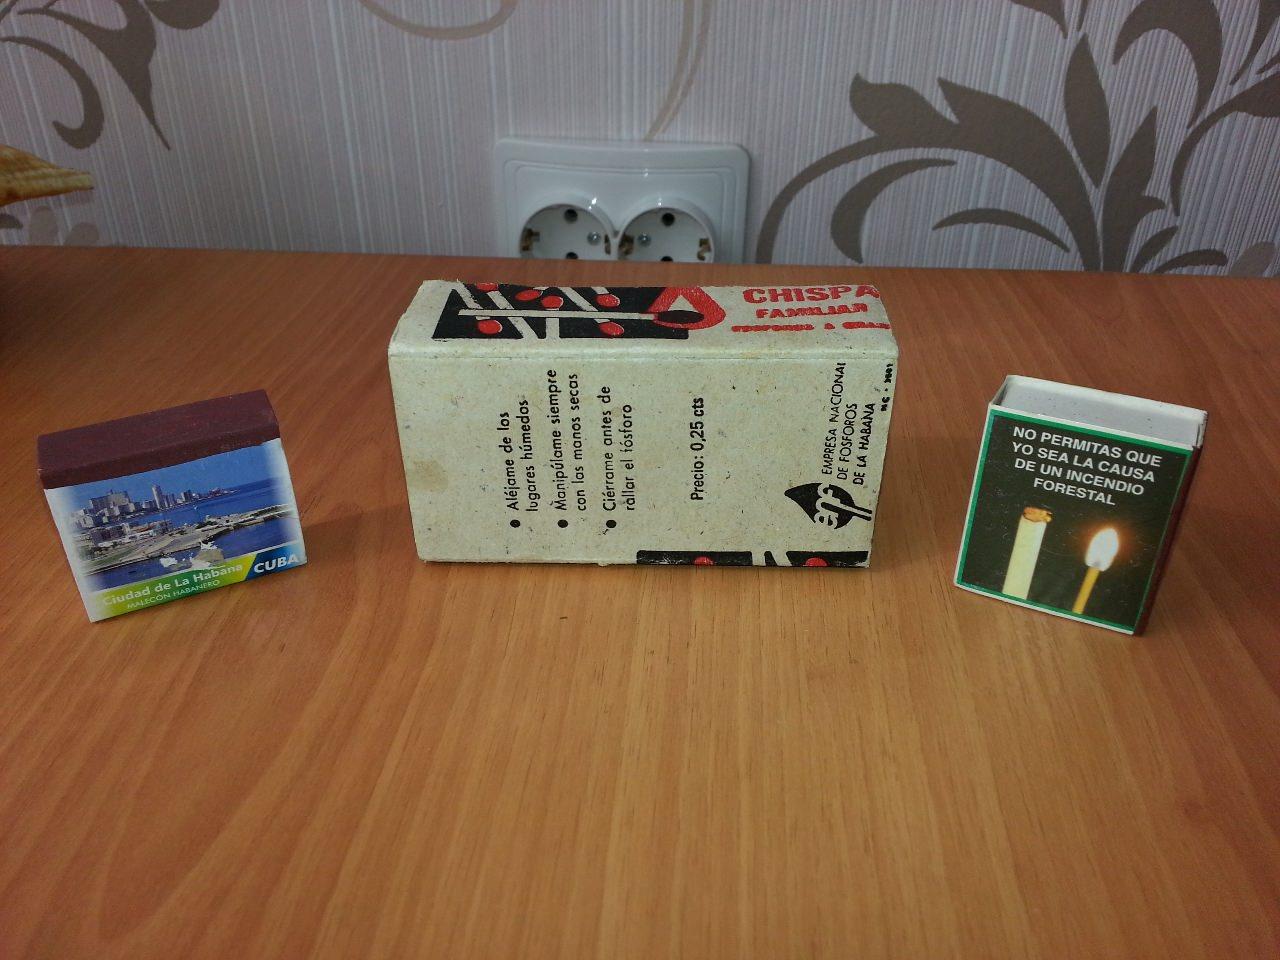 242. 1990. Большой коробок спичек. 3 вид. Сравнение с обыкновенными современными кубинскими коробками